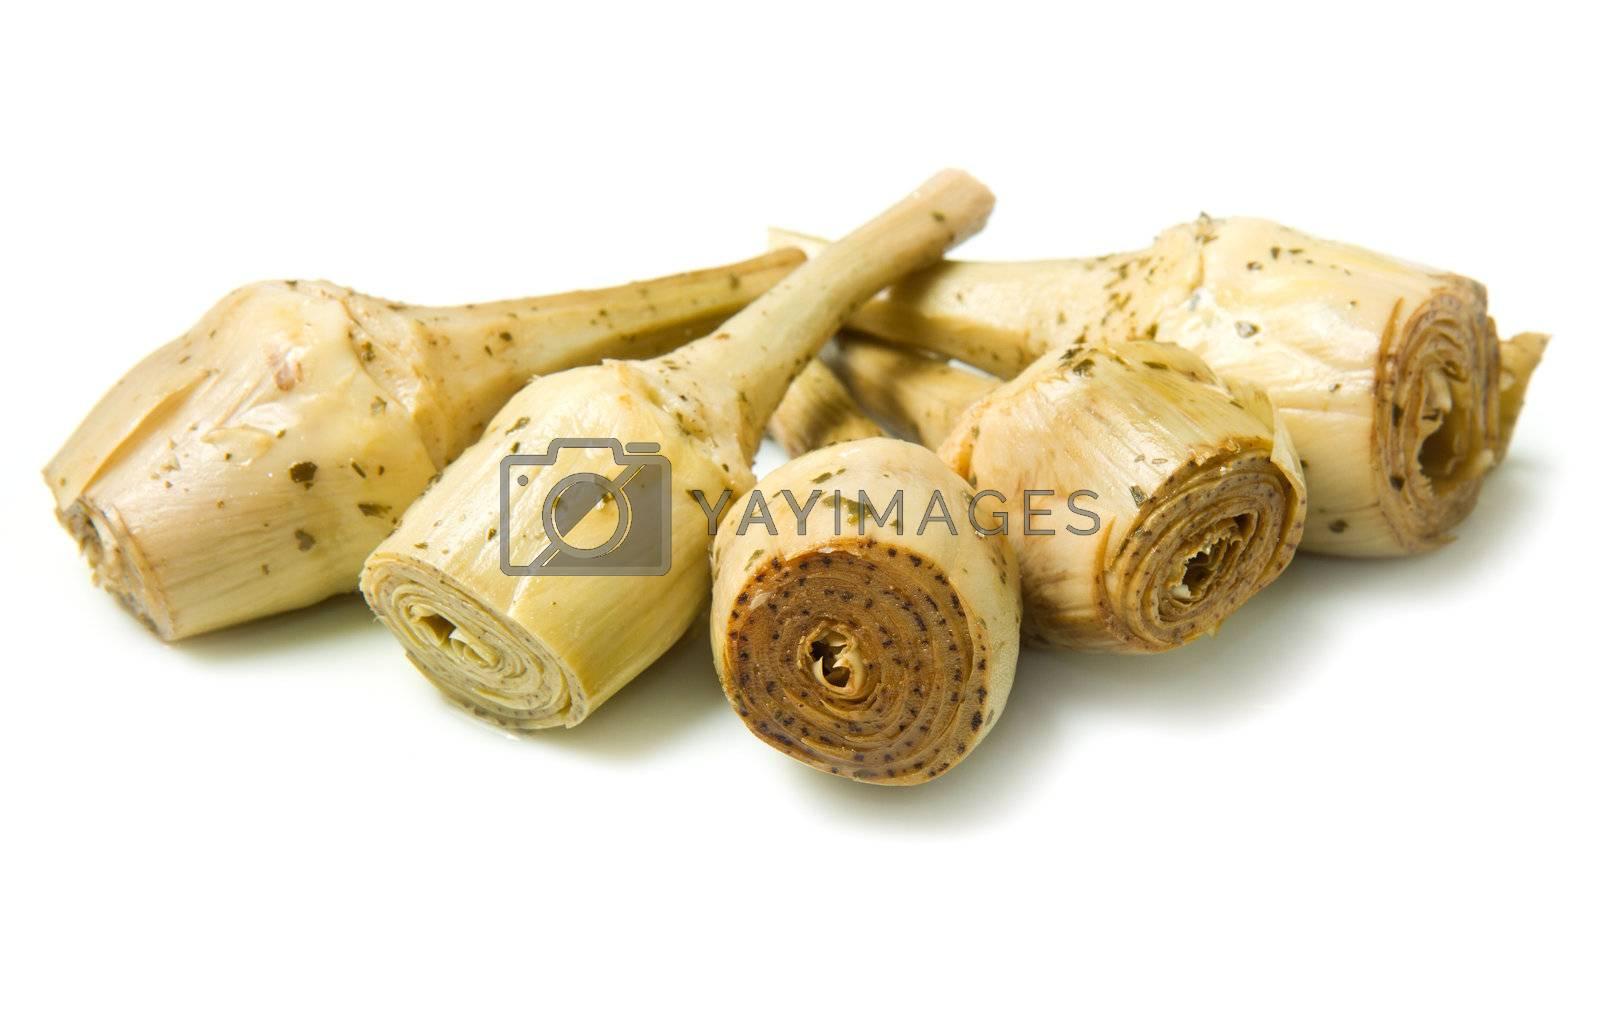 artichokes in oil by lsantilli